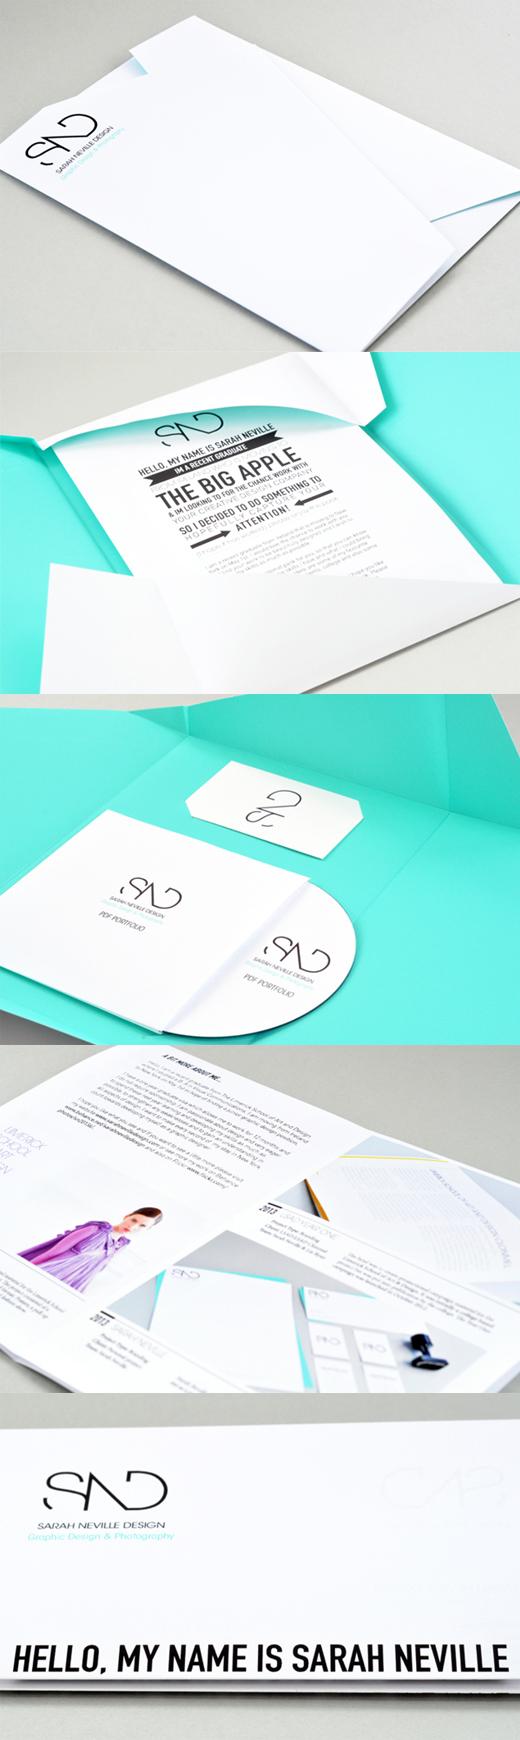 designer_resume